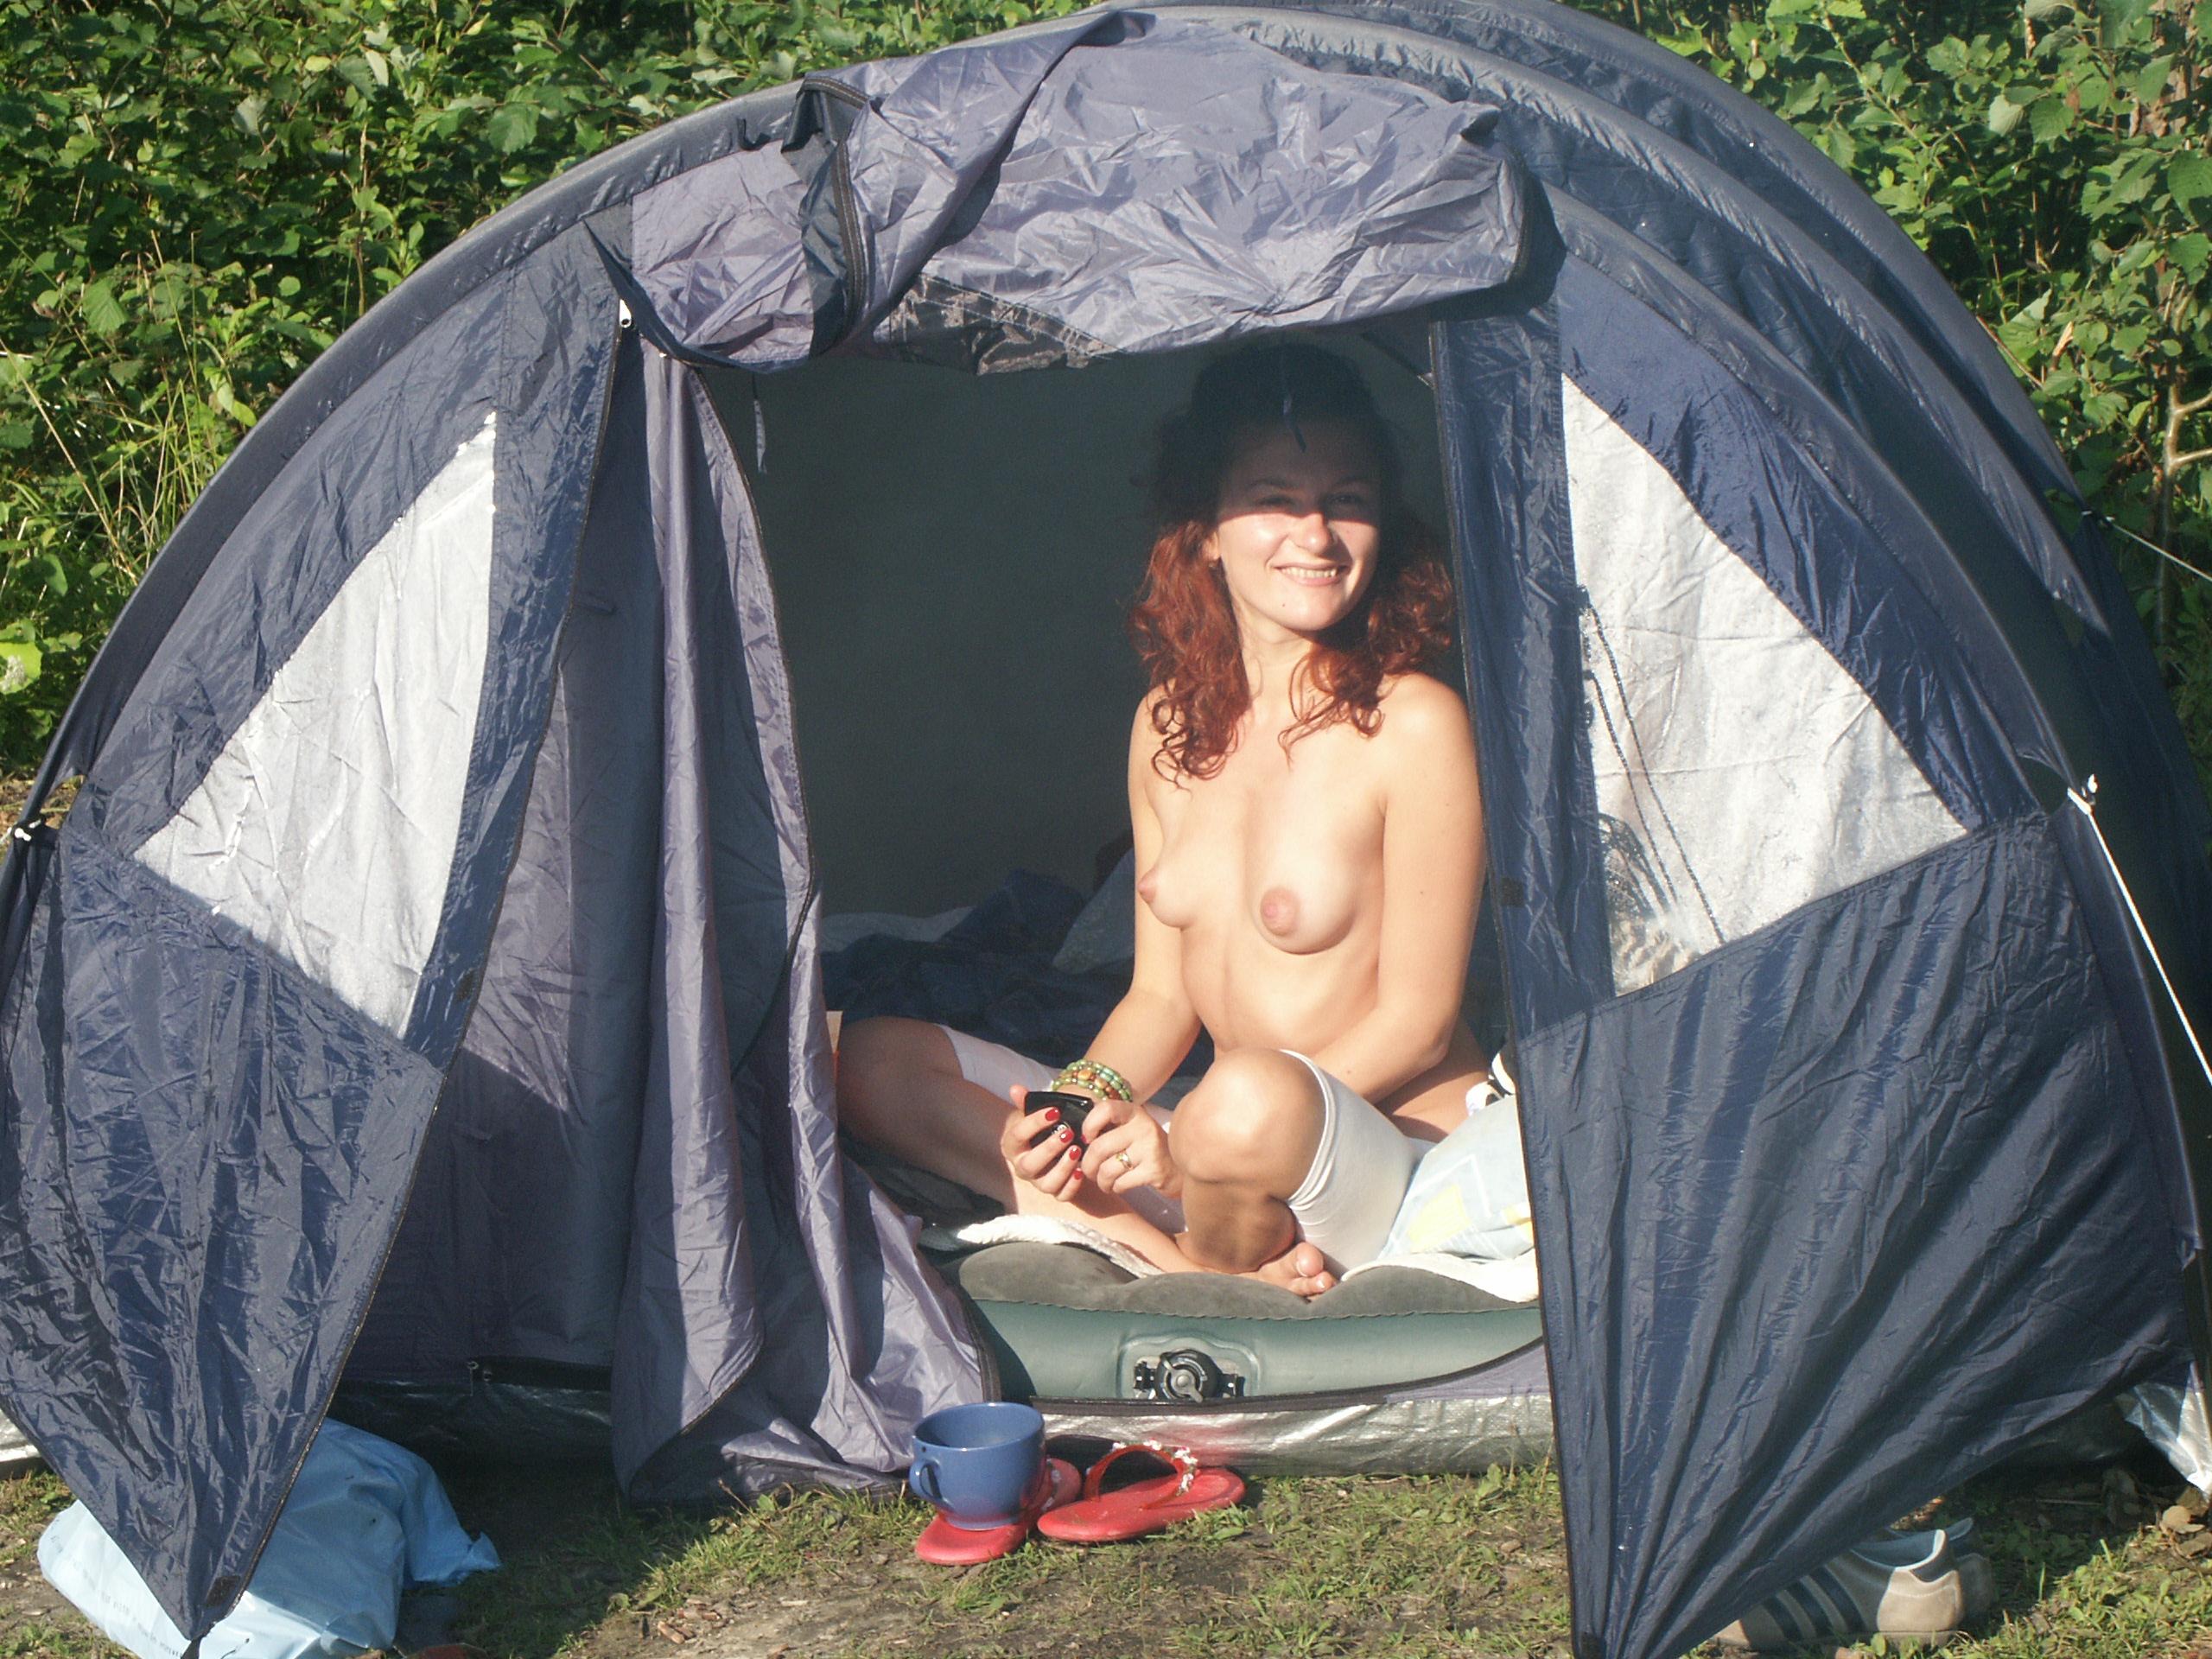 Nude tent pictures xxx scenes